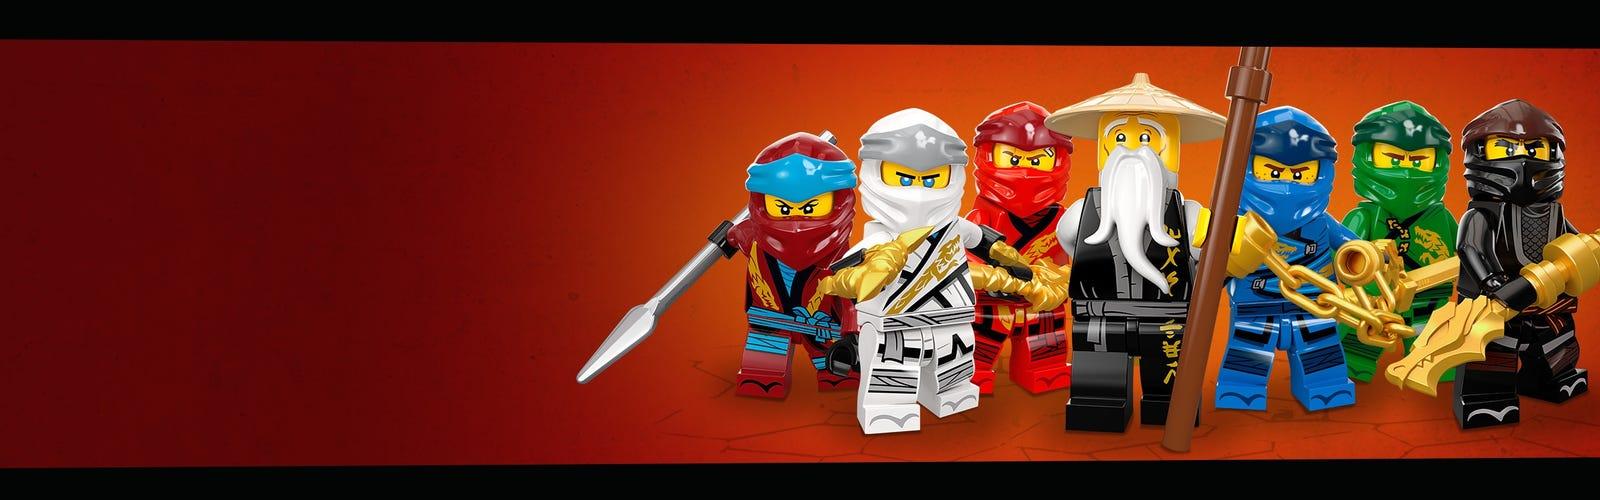 l'équipe de LEGO NINJAGO